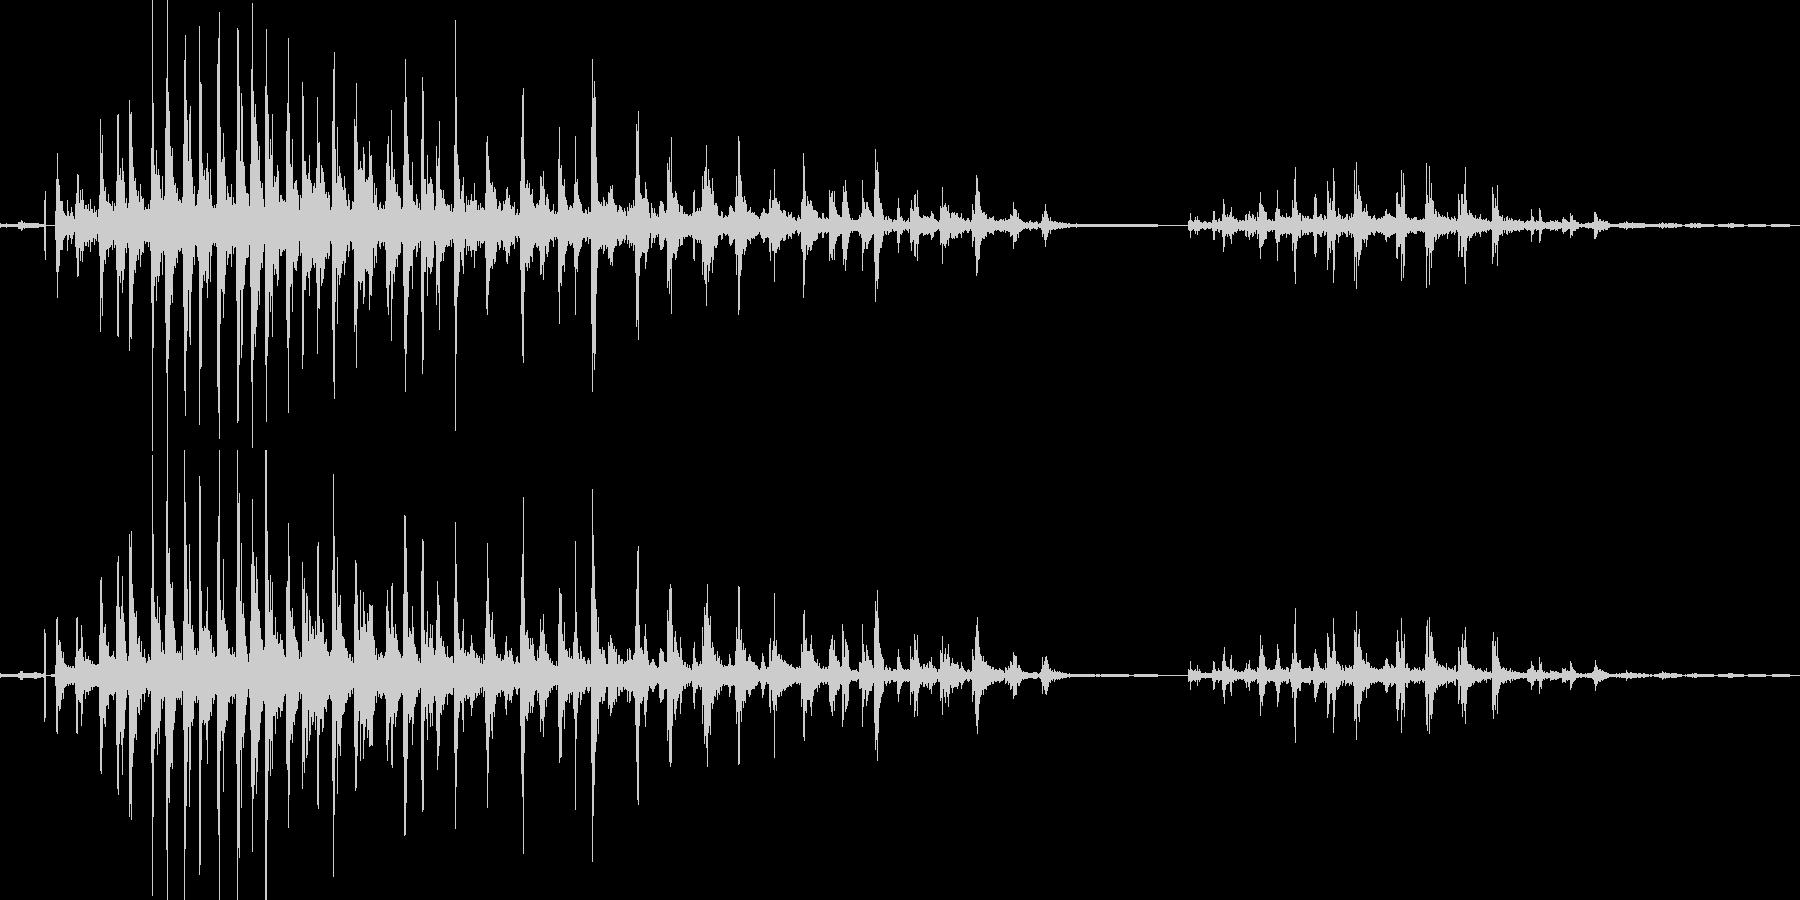 骸骨戦士の骨の音(カタカタと軽い音)の未再生の波形